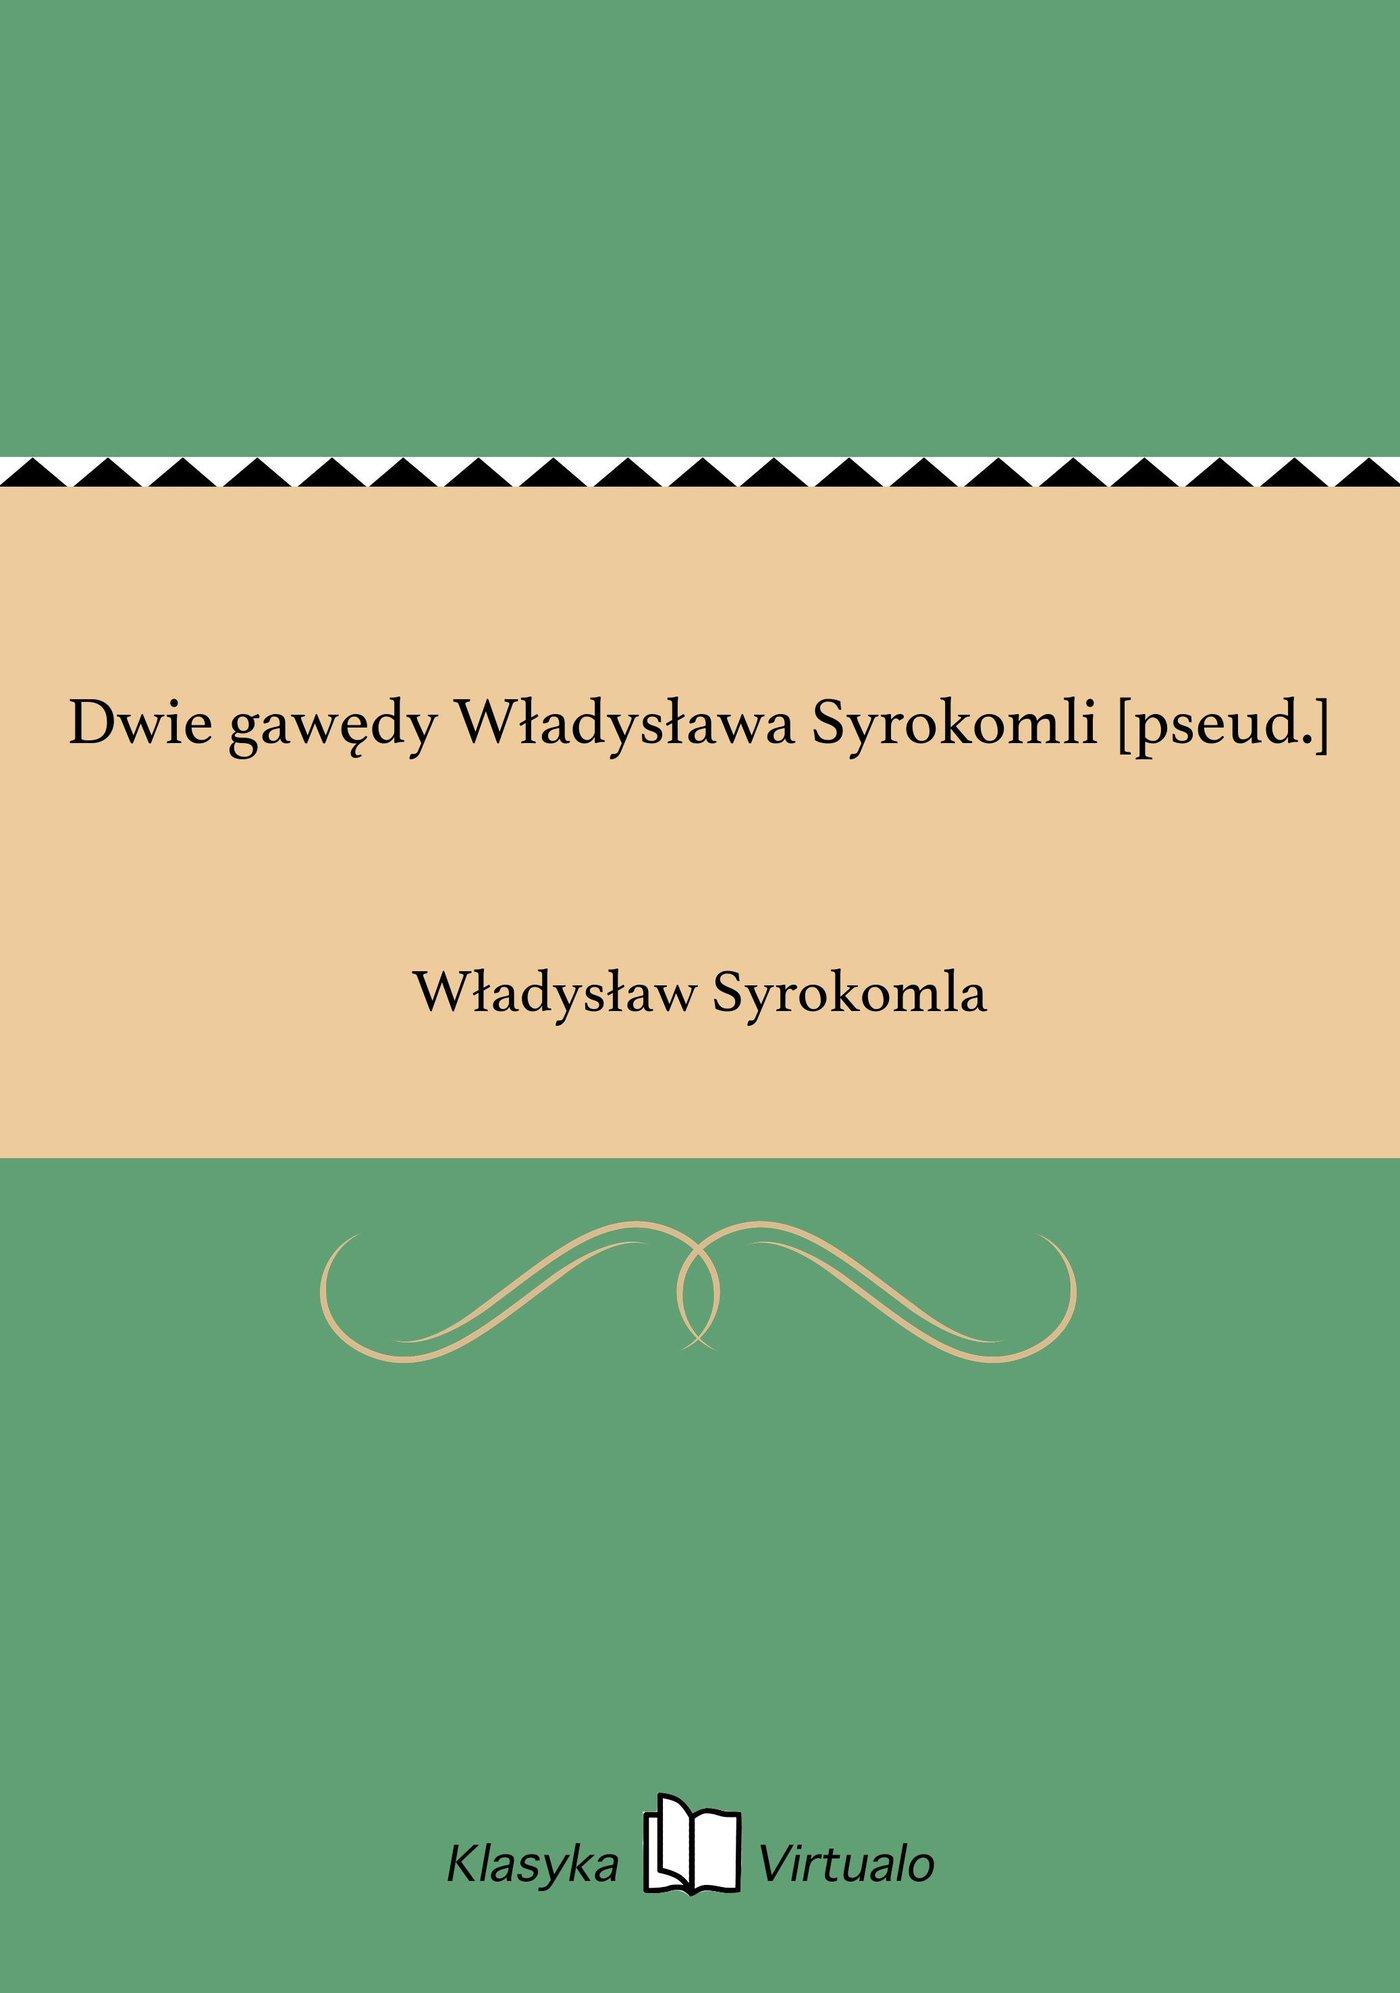 Dwie gawędy Władysława Syrokomli [pseud.] - Ebook (Książka EPUB) do pobrania w formacie EPUB